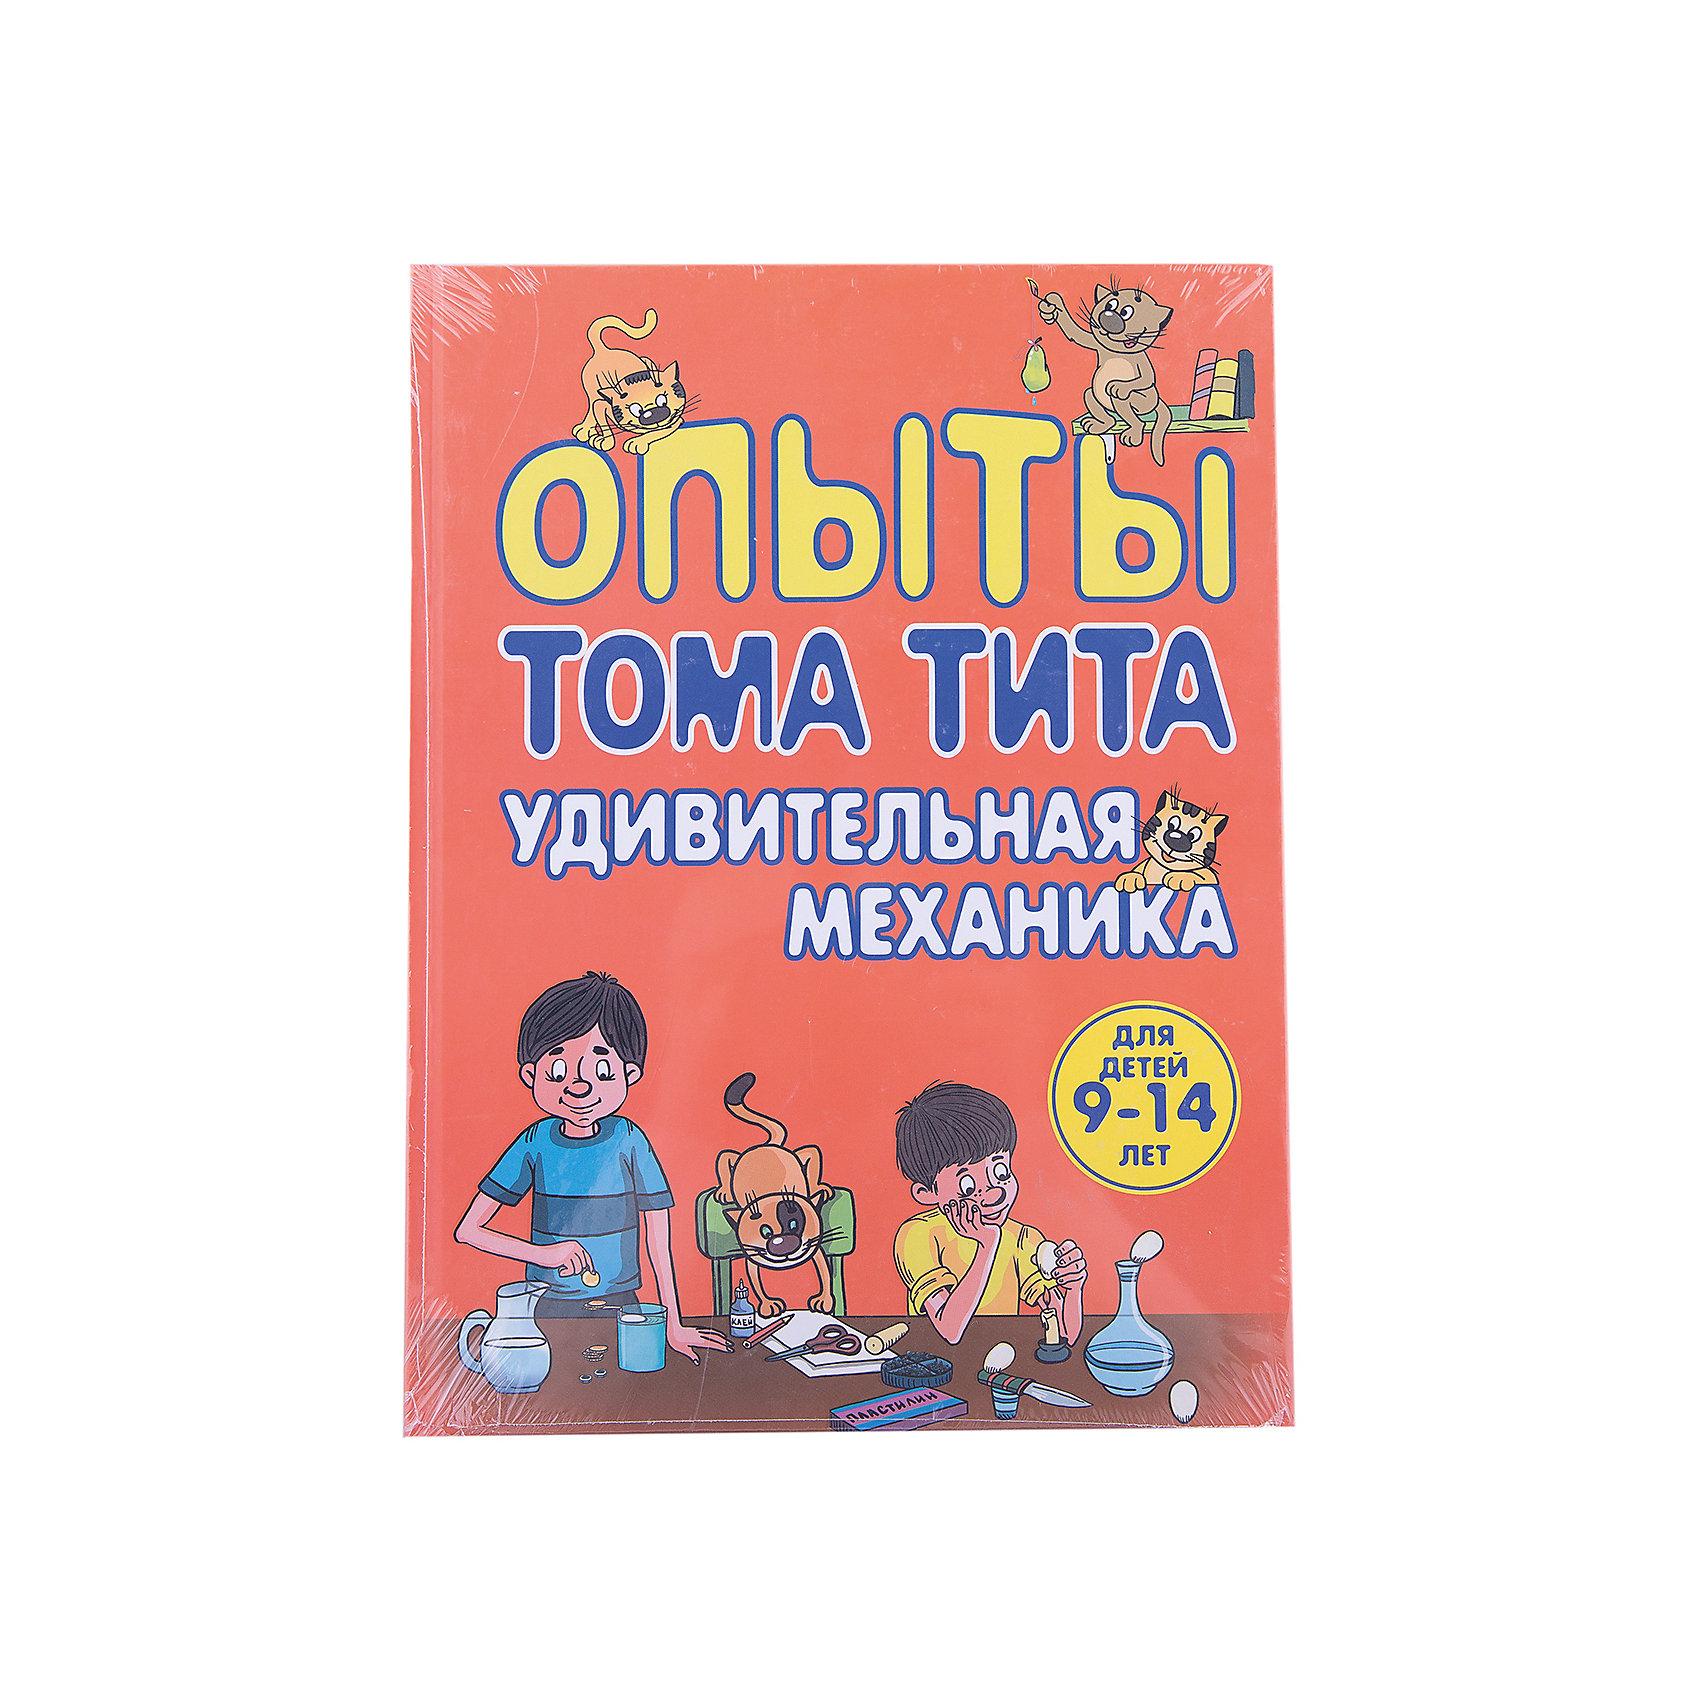 Опыты Тома Тита. Удивительная механикаЭнциклопедии для школьников<br>Книги известного французского писателя Артура Гуда, работавшего под псевдонимом Том Тит, <br>хорошо  известны и любимы юными читателями  всего мира. <br>В книге, которую вы держите в руках, собраны увлекательные эксперименты. <br>Прочитав книгу вы сможете взглянуть на физику как на интересную и увлекательную игру, ведь <br>многие опыты, которые вам предложит автор,  больше похожи на фокусы.<br><br>Дополнительная информация:<br><br>- год выпуска: 2014<br>- количество страниц:  104<br>- формат: 28 * 21*0.1 см. <br>- переплёт: твердый переплет <br>- возраст: от  9 до 14 лет<br>- вес: 460 гр.<br><br><br>Книгу Опыты Тома Тита. Удивительная механика можно купить в нашем интернет - магазине.<br><br>Ширина мм: 280<br>Глубина мм: 210<br>Высота мм: 9<br>Вес г: 484<br>Возраст от месяцев: 108<br>Возраст до месяцев: 144<br>Пол: Унисекс<br>Возраст: Детский<br>SKU: 4753416